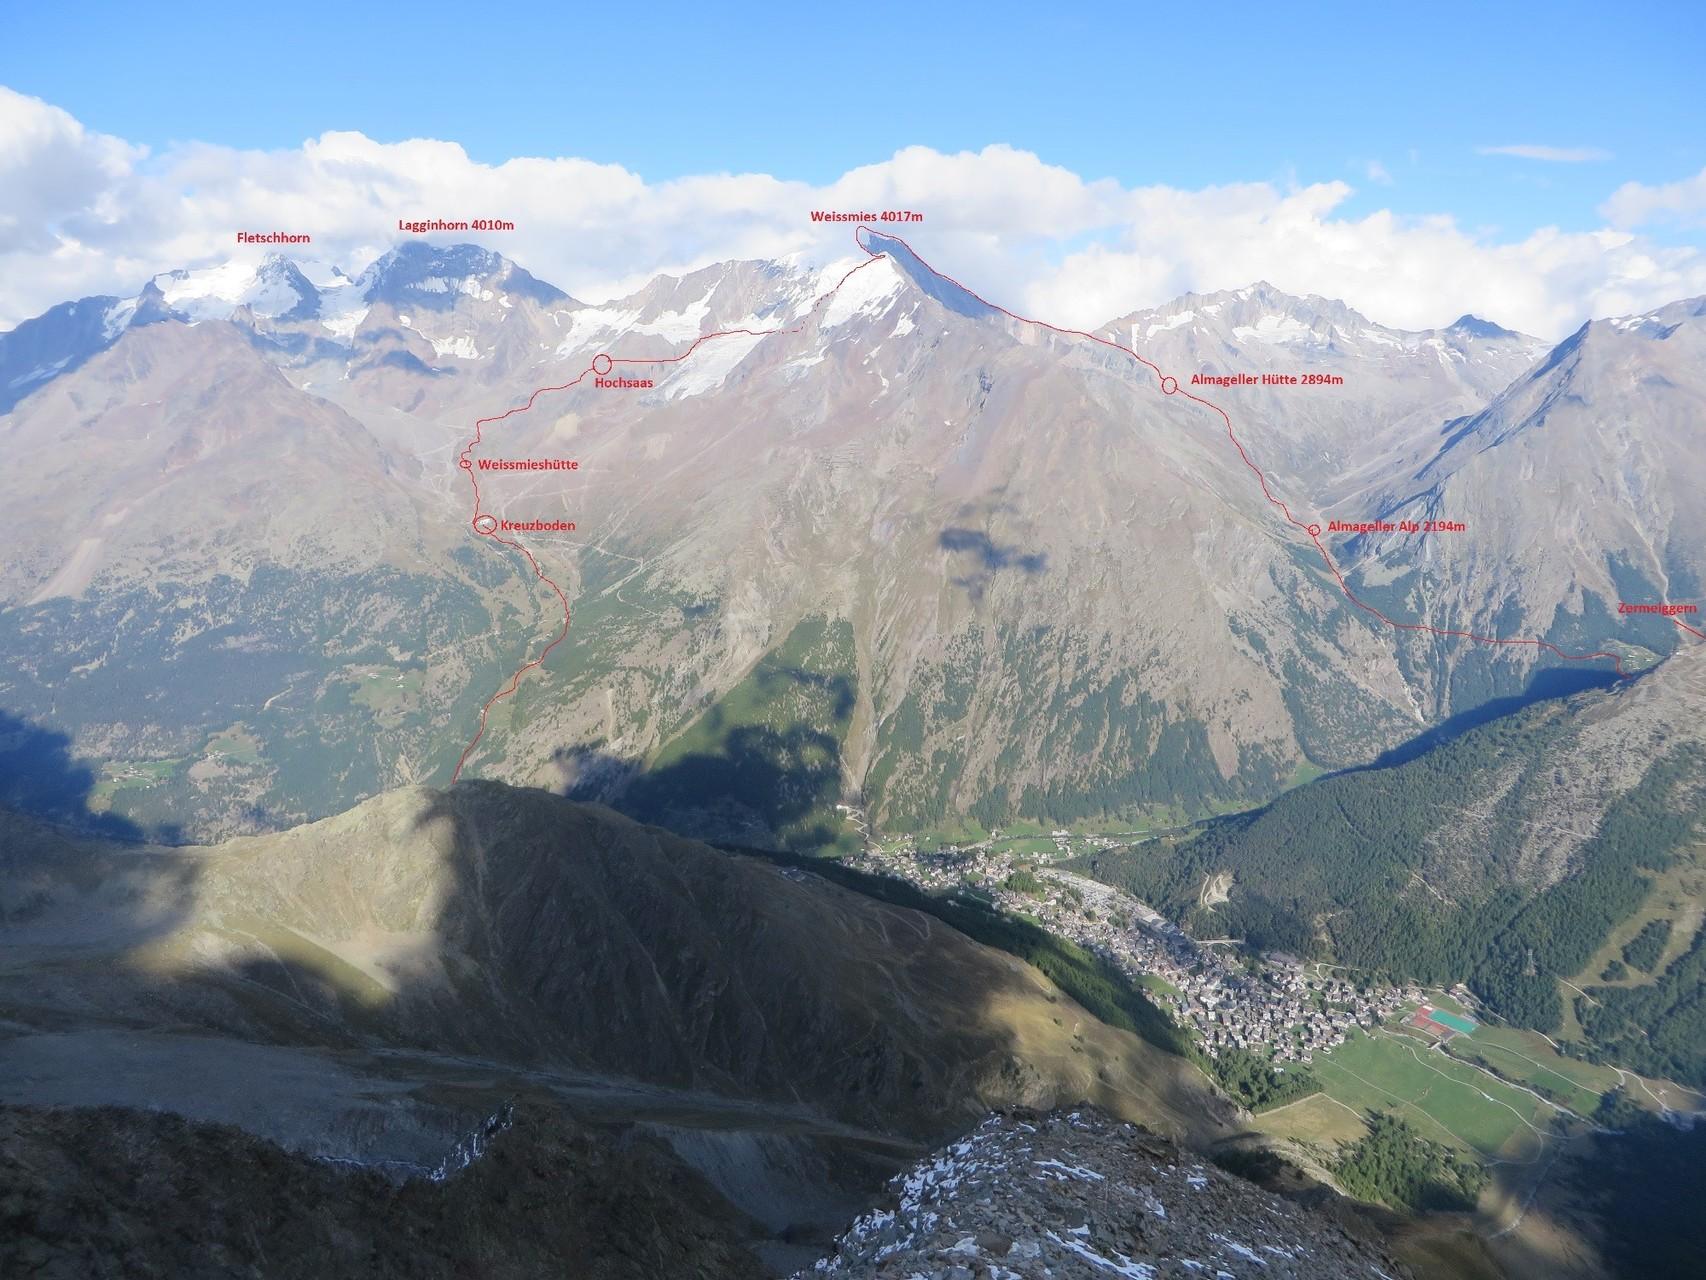 Blick rüber zur Weissmies-Route von der Mischabelhütte aus fotografiert